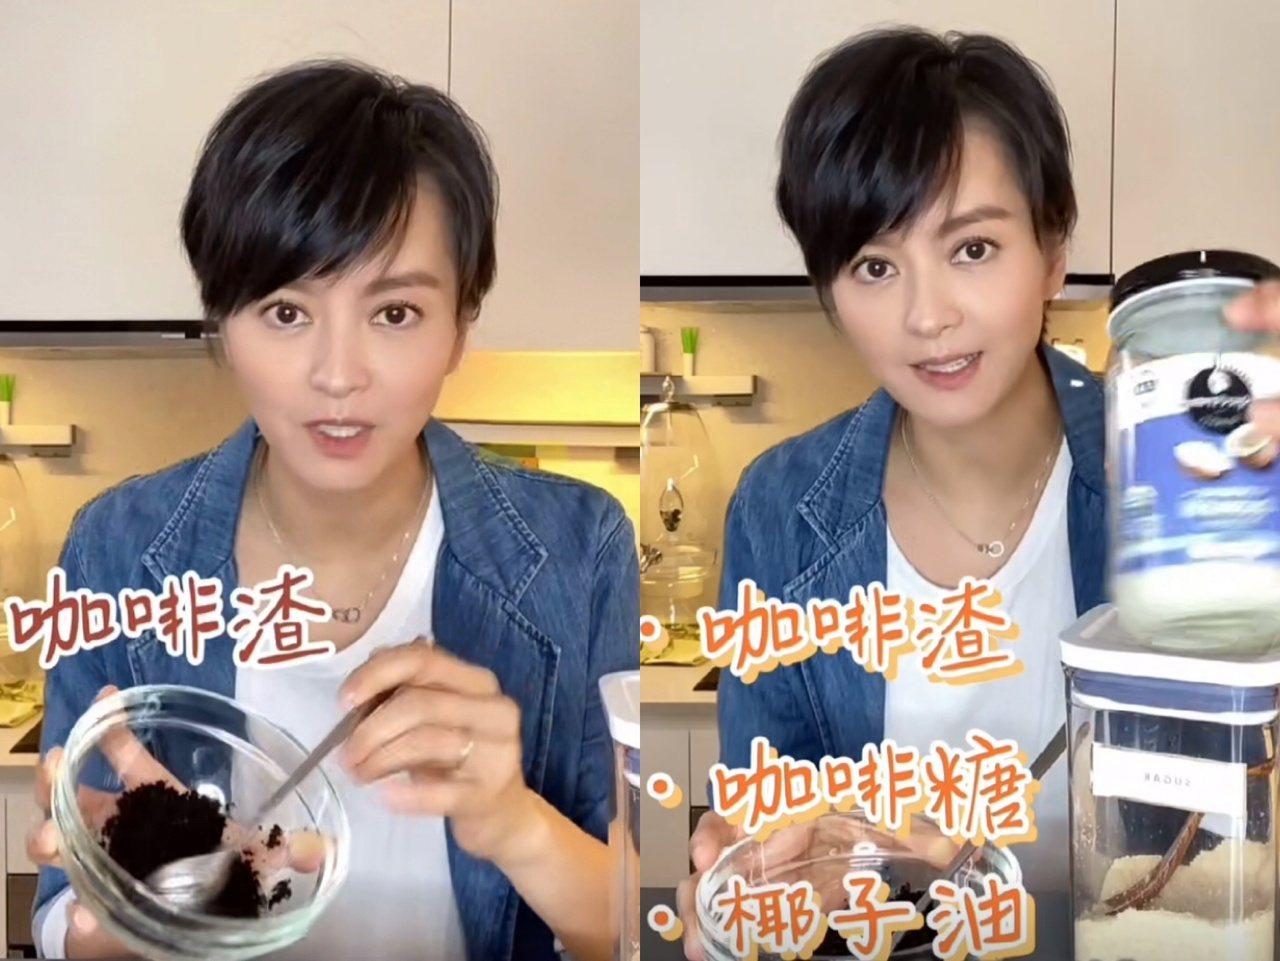 梁詠琪在小紅書分享利用咖啡渣製作磨砂膏。 圖/摘自小紅書